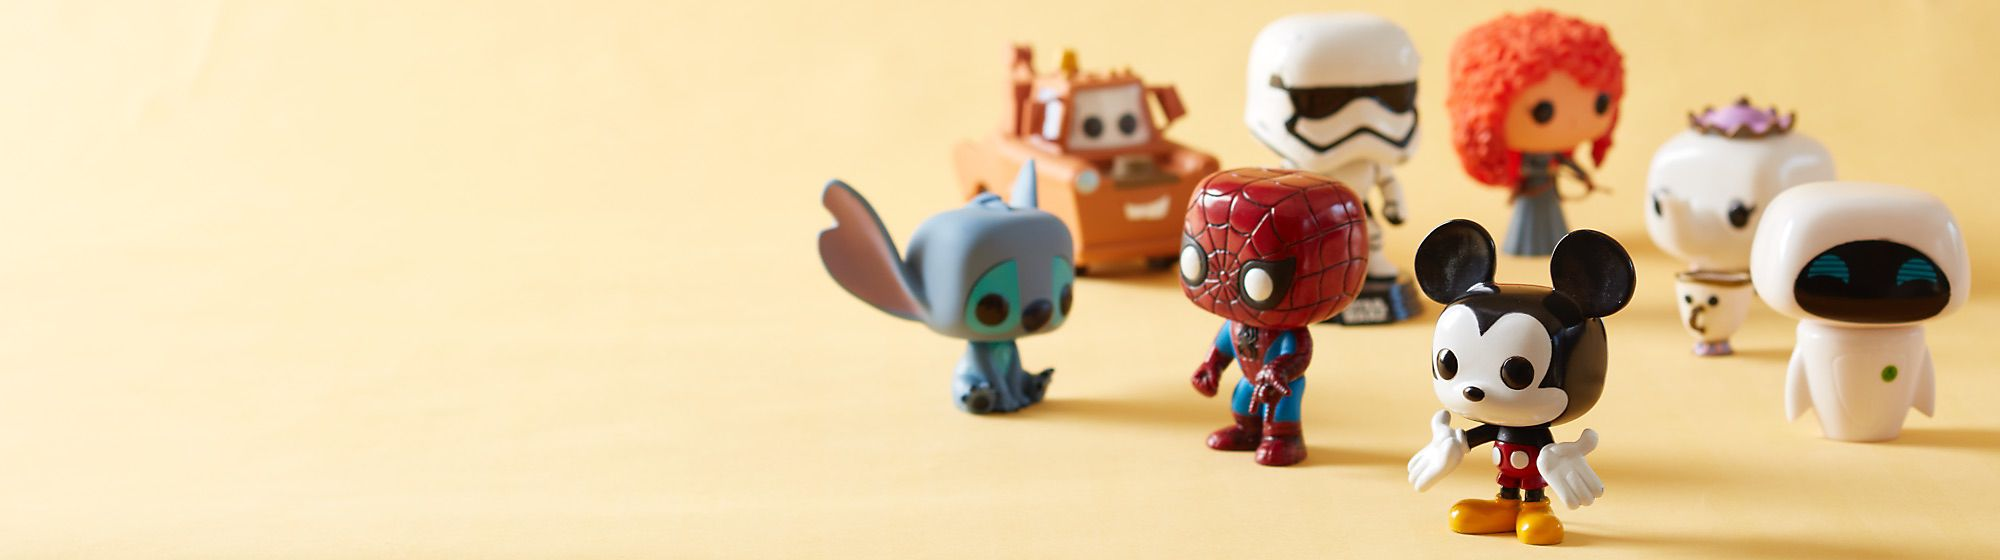 Figuras de vinilo Con nuestras figuras coleccionables podrás tener a todos tus personajes favoritos en casa. Descubre toda la colección.